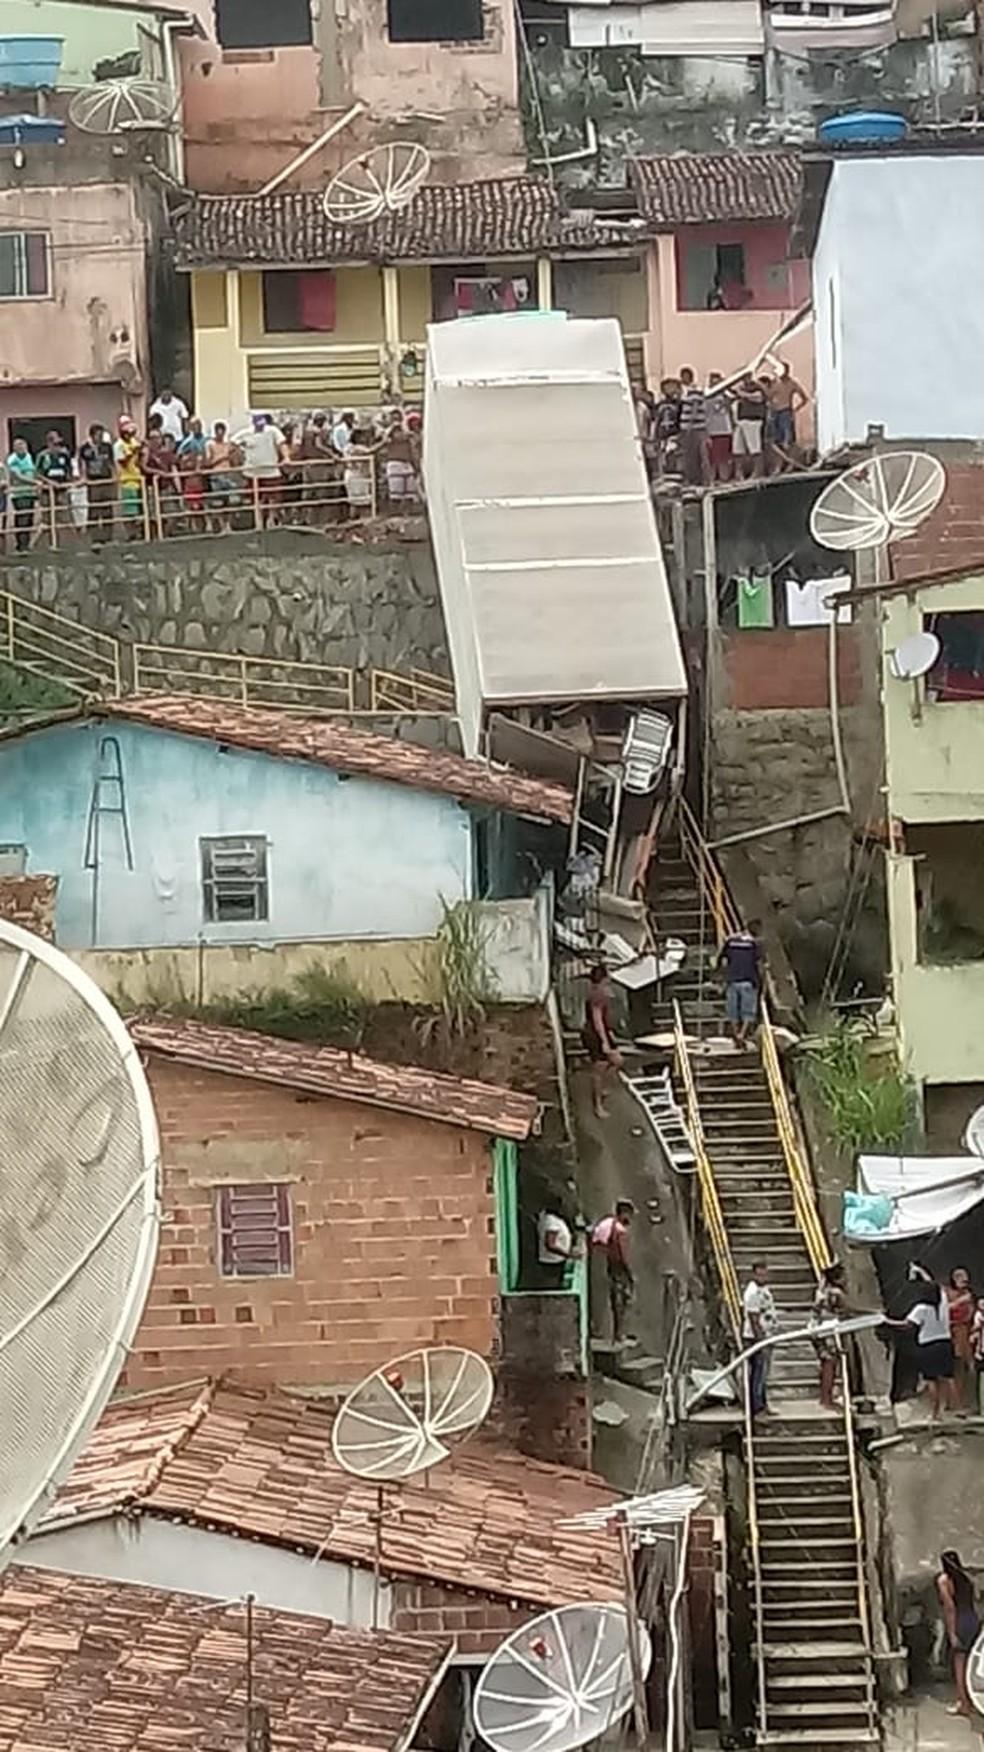 Caminhão ficou pendurado em barreira no Cabo de Santo Agostinho, no Grande Recife — Foto: Reprodução/WhatsApp